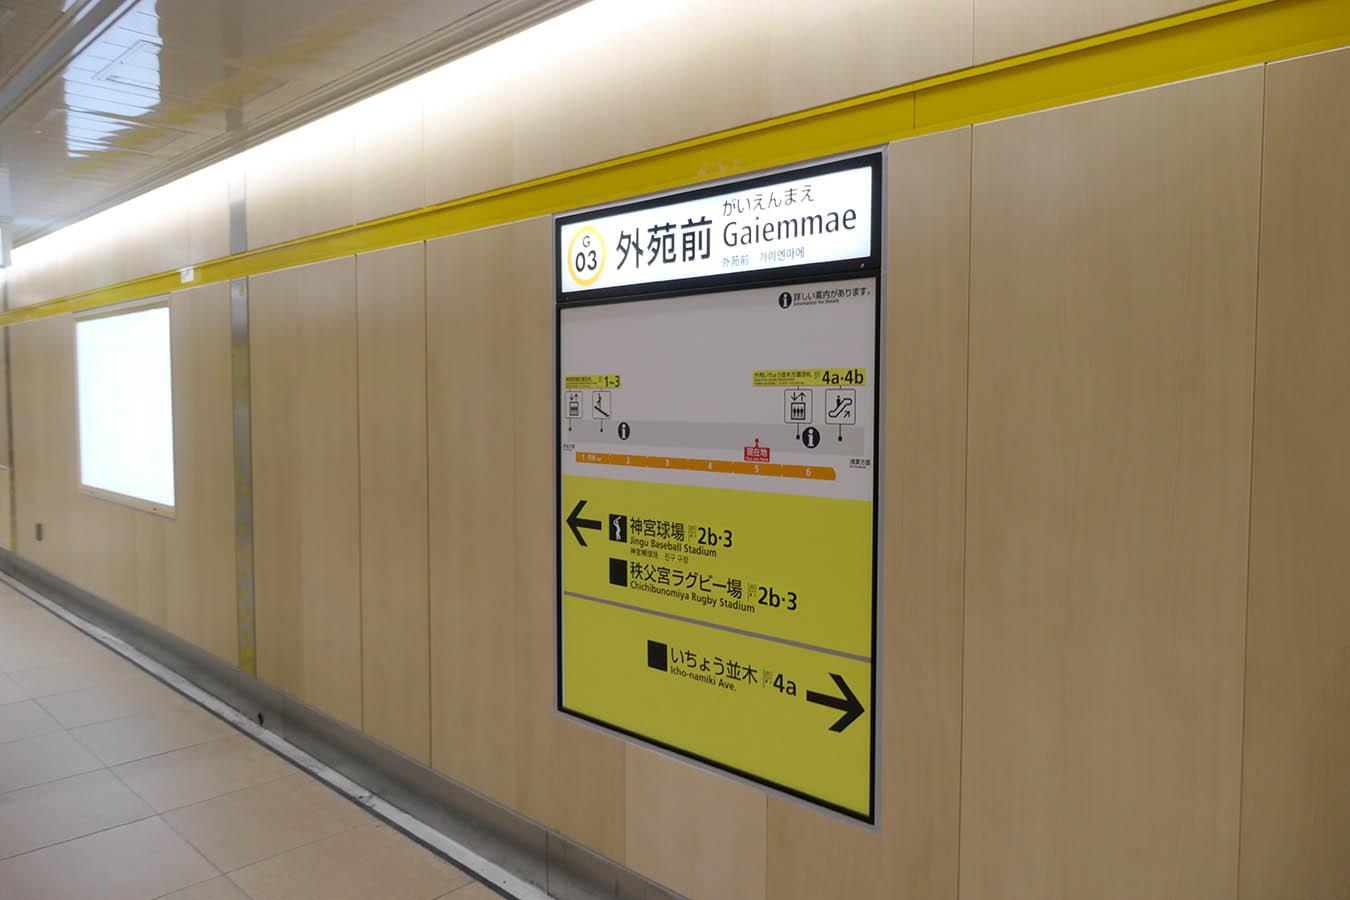 G03 銀座線 外苑前駅 | ちかてつ...